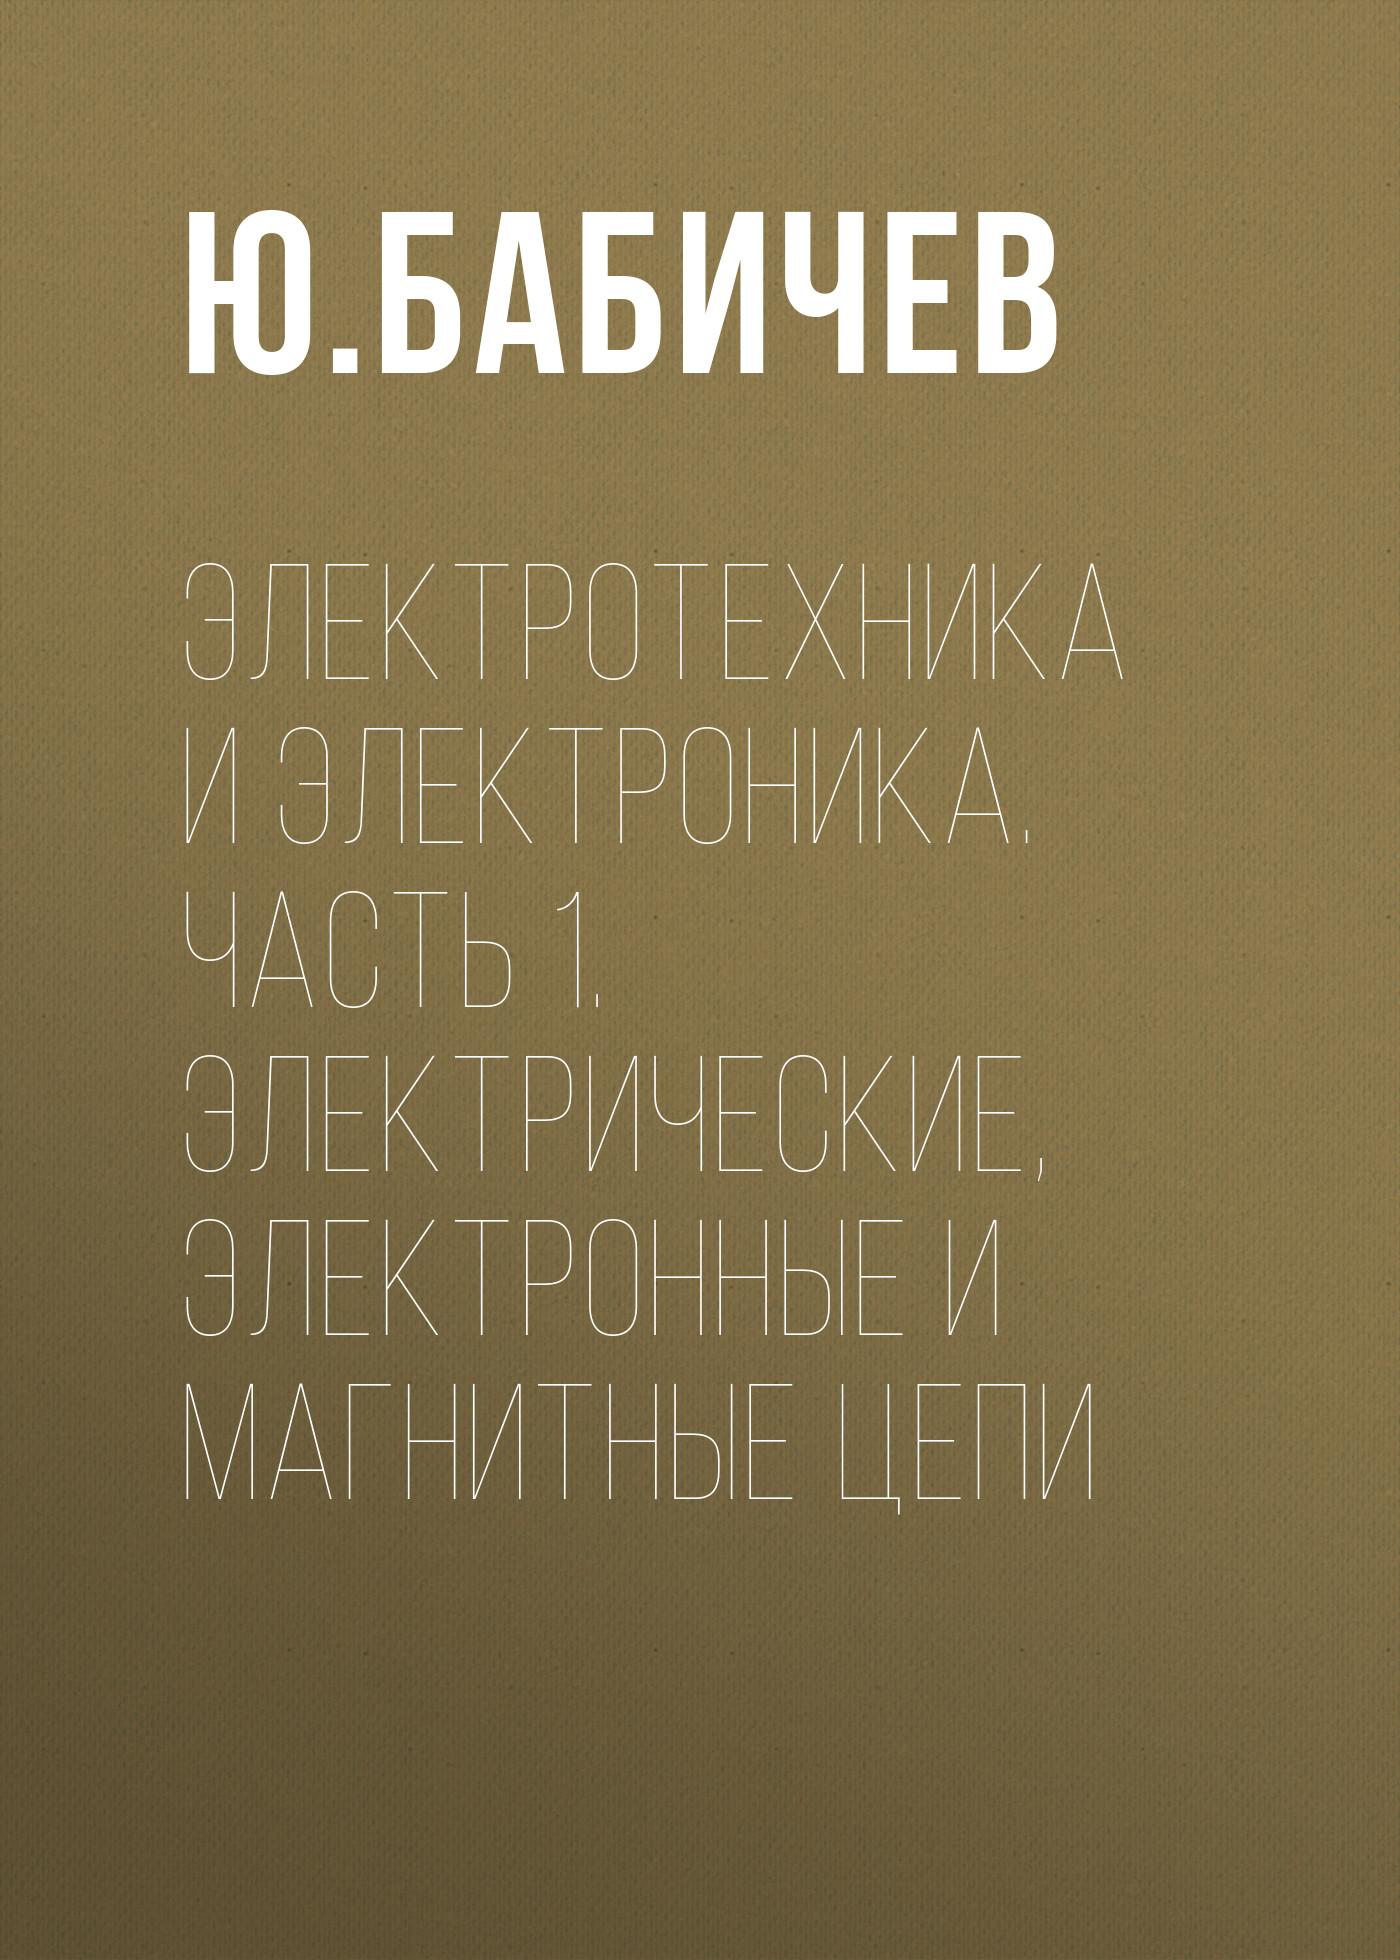 Ю. Е. Бабичев Электротехника и электроника. Часть 1. Электрические, электронные и магнитные цепи